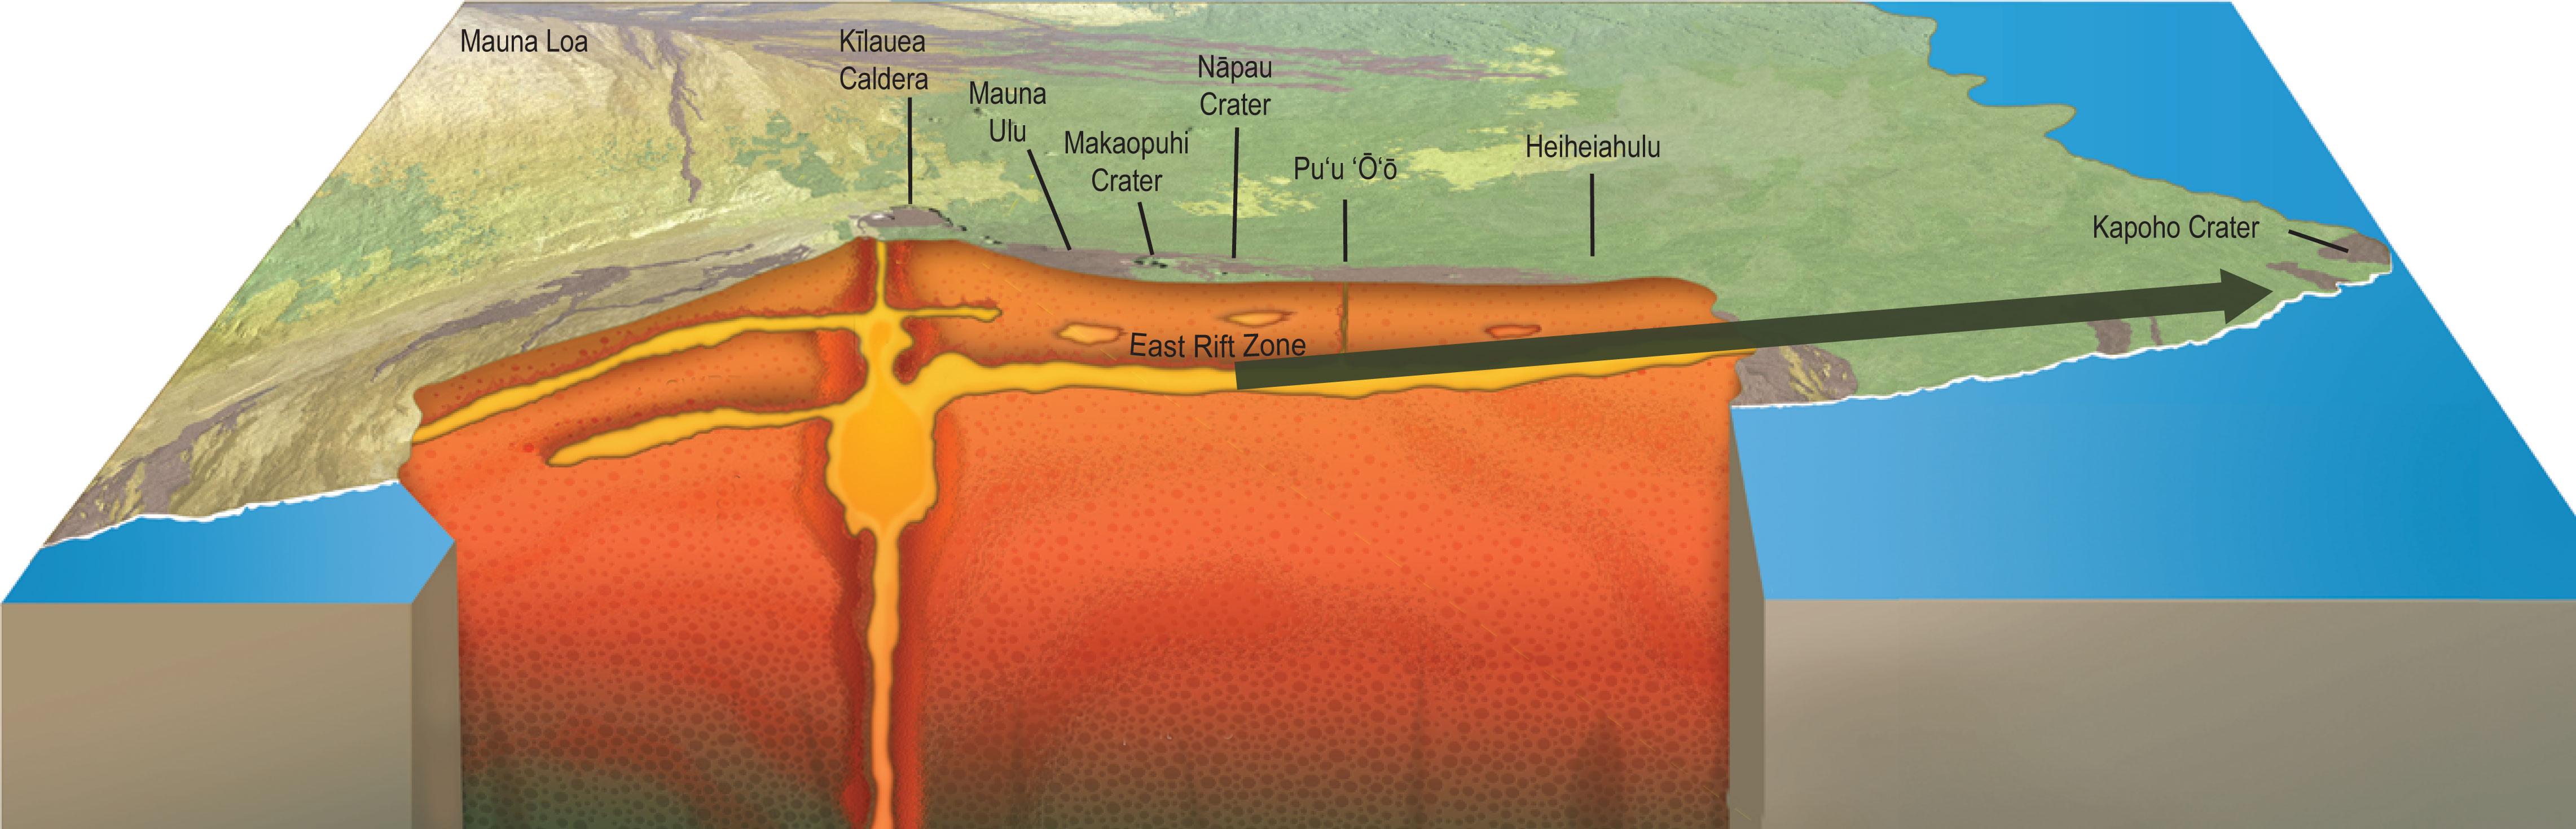 June 5 Steve Brantley Usgs Sums Up Eruption So Far